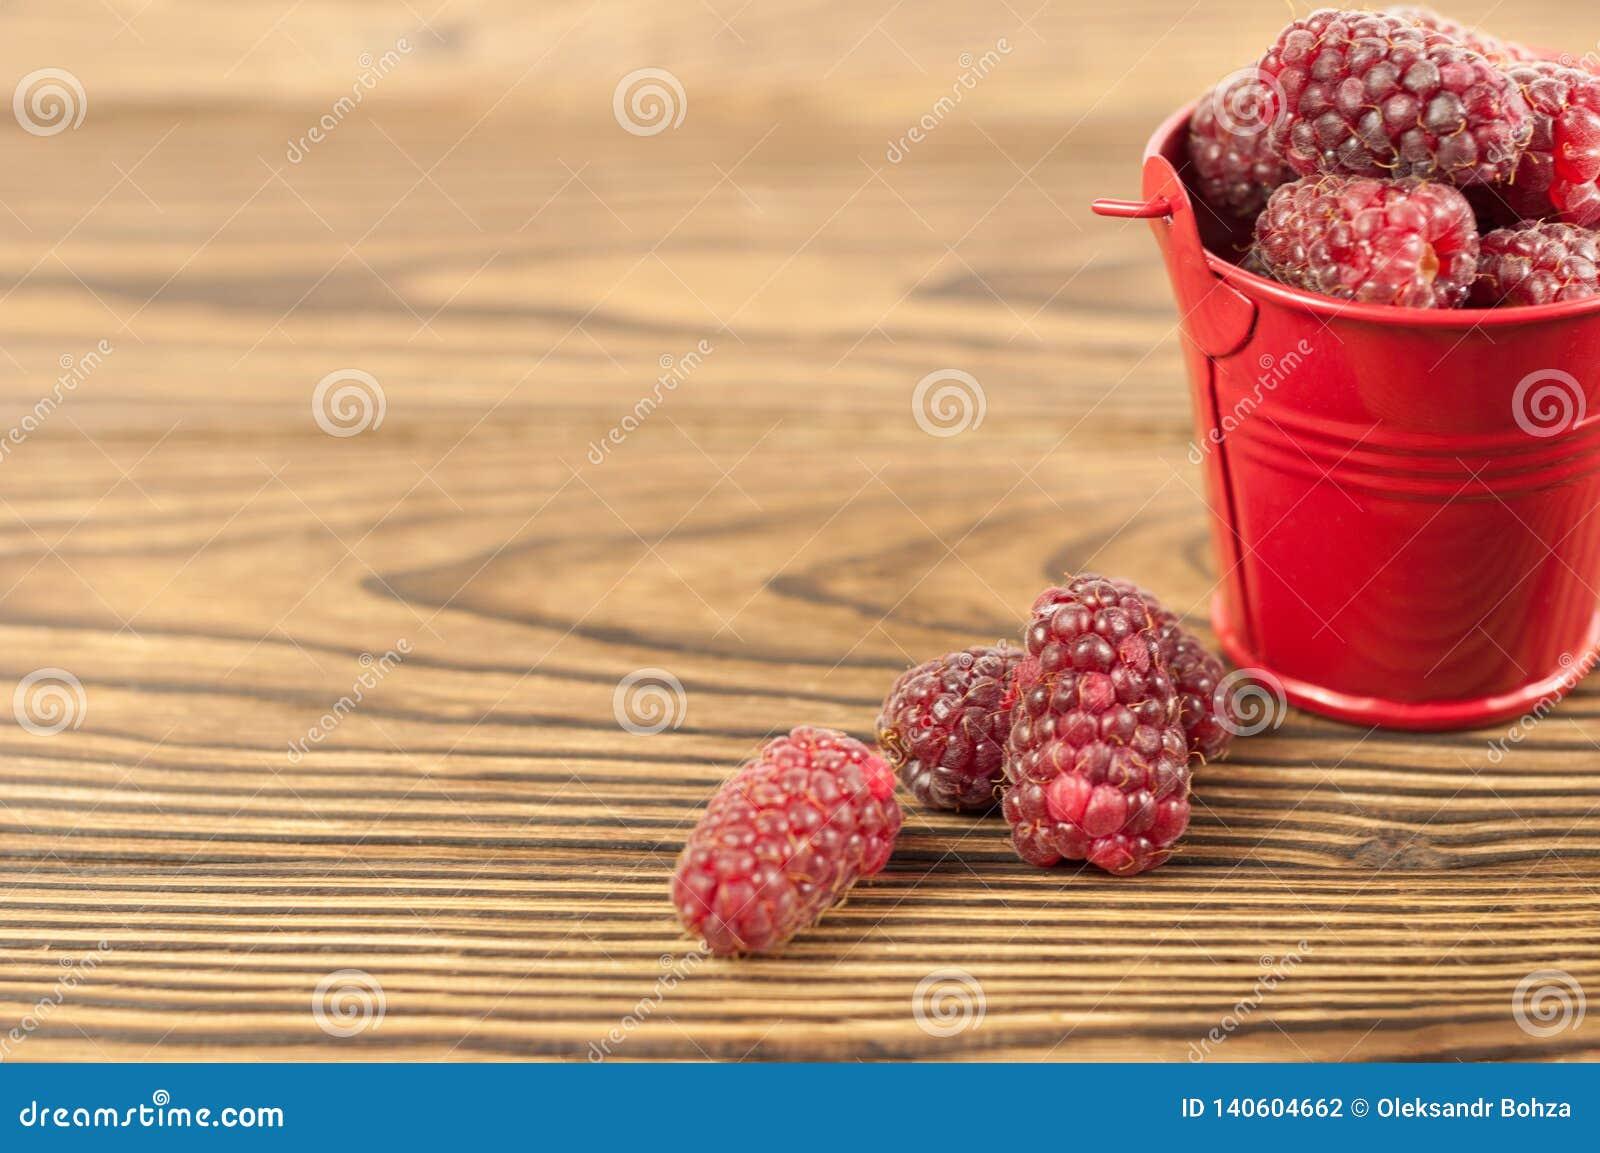 Red fresh raspberries and metal bucket